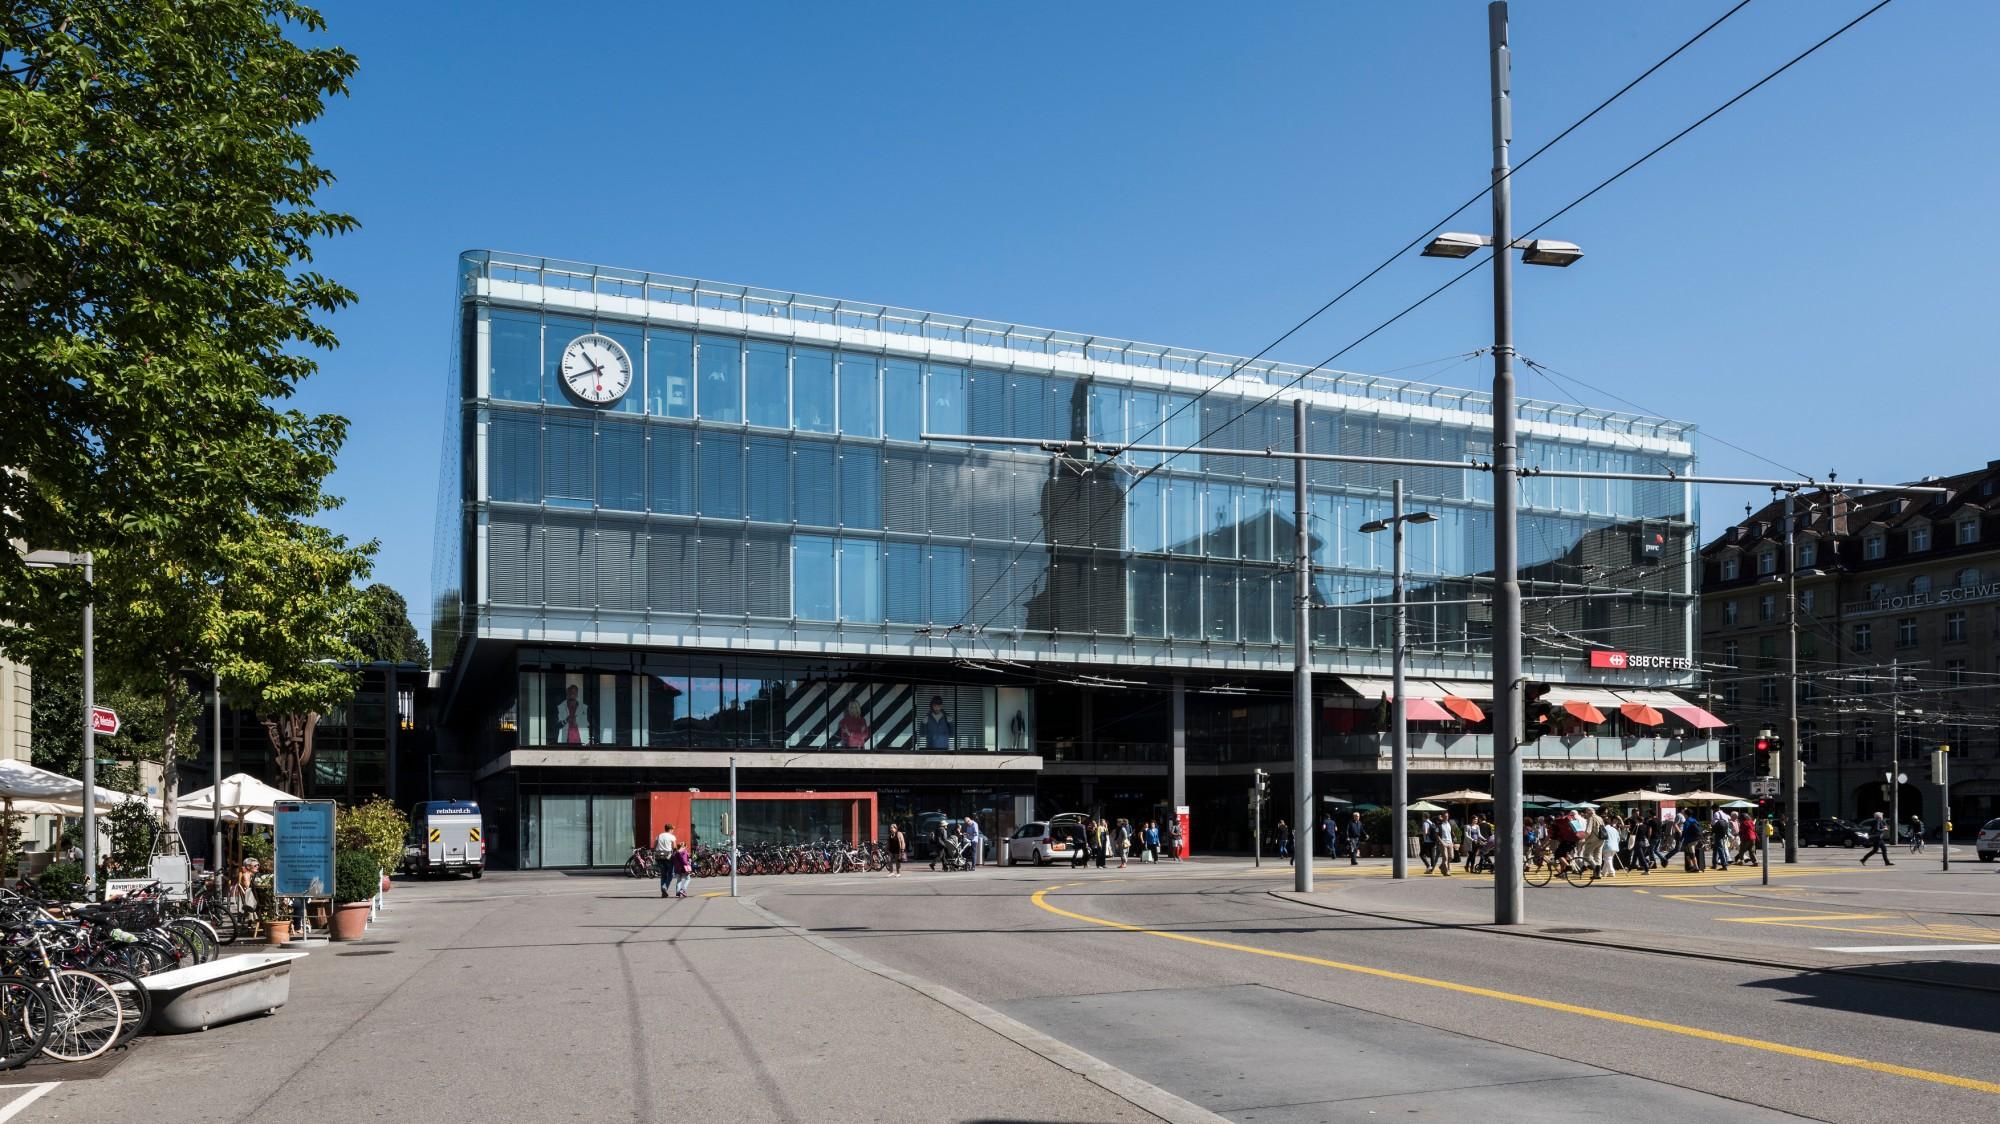 Bahnhof Bern: Viele Veränderungen auf den Retailflächen ...